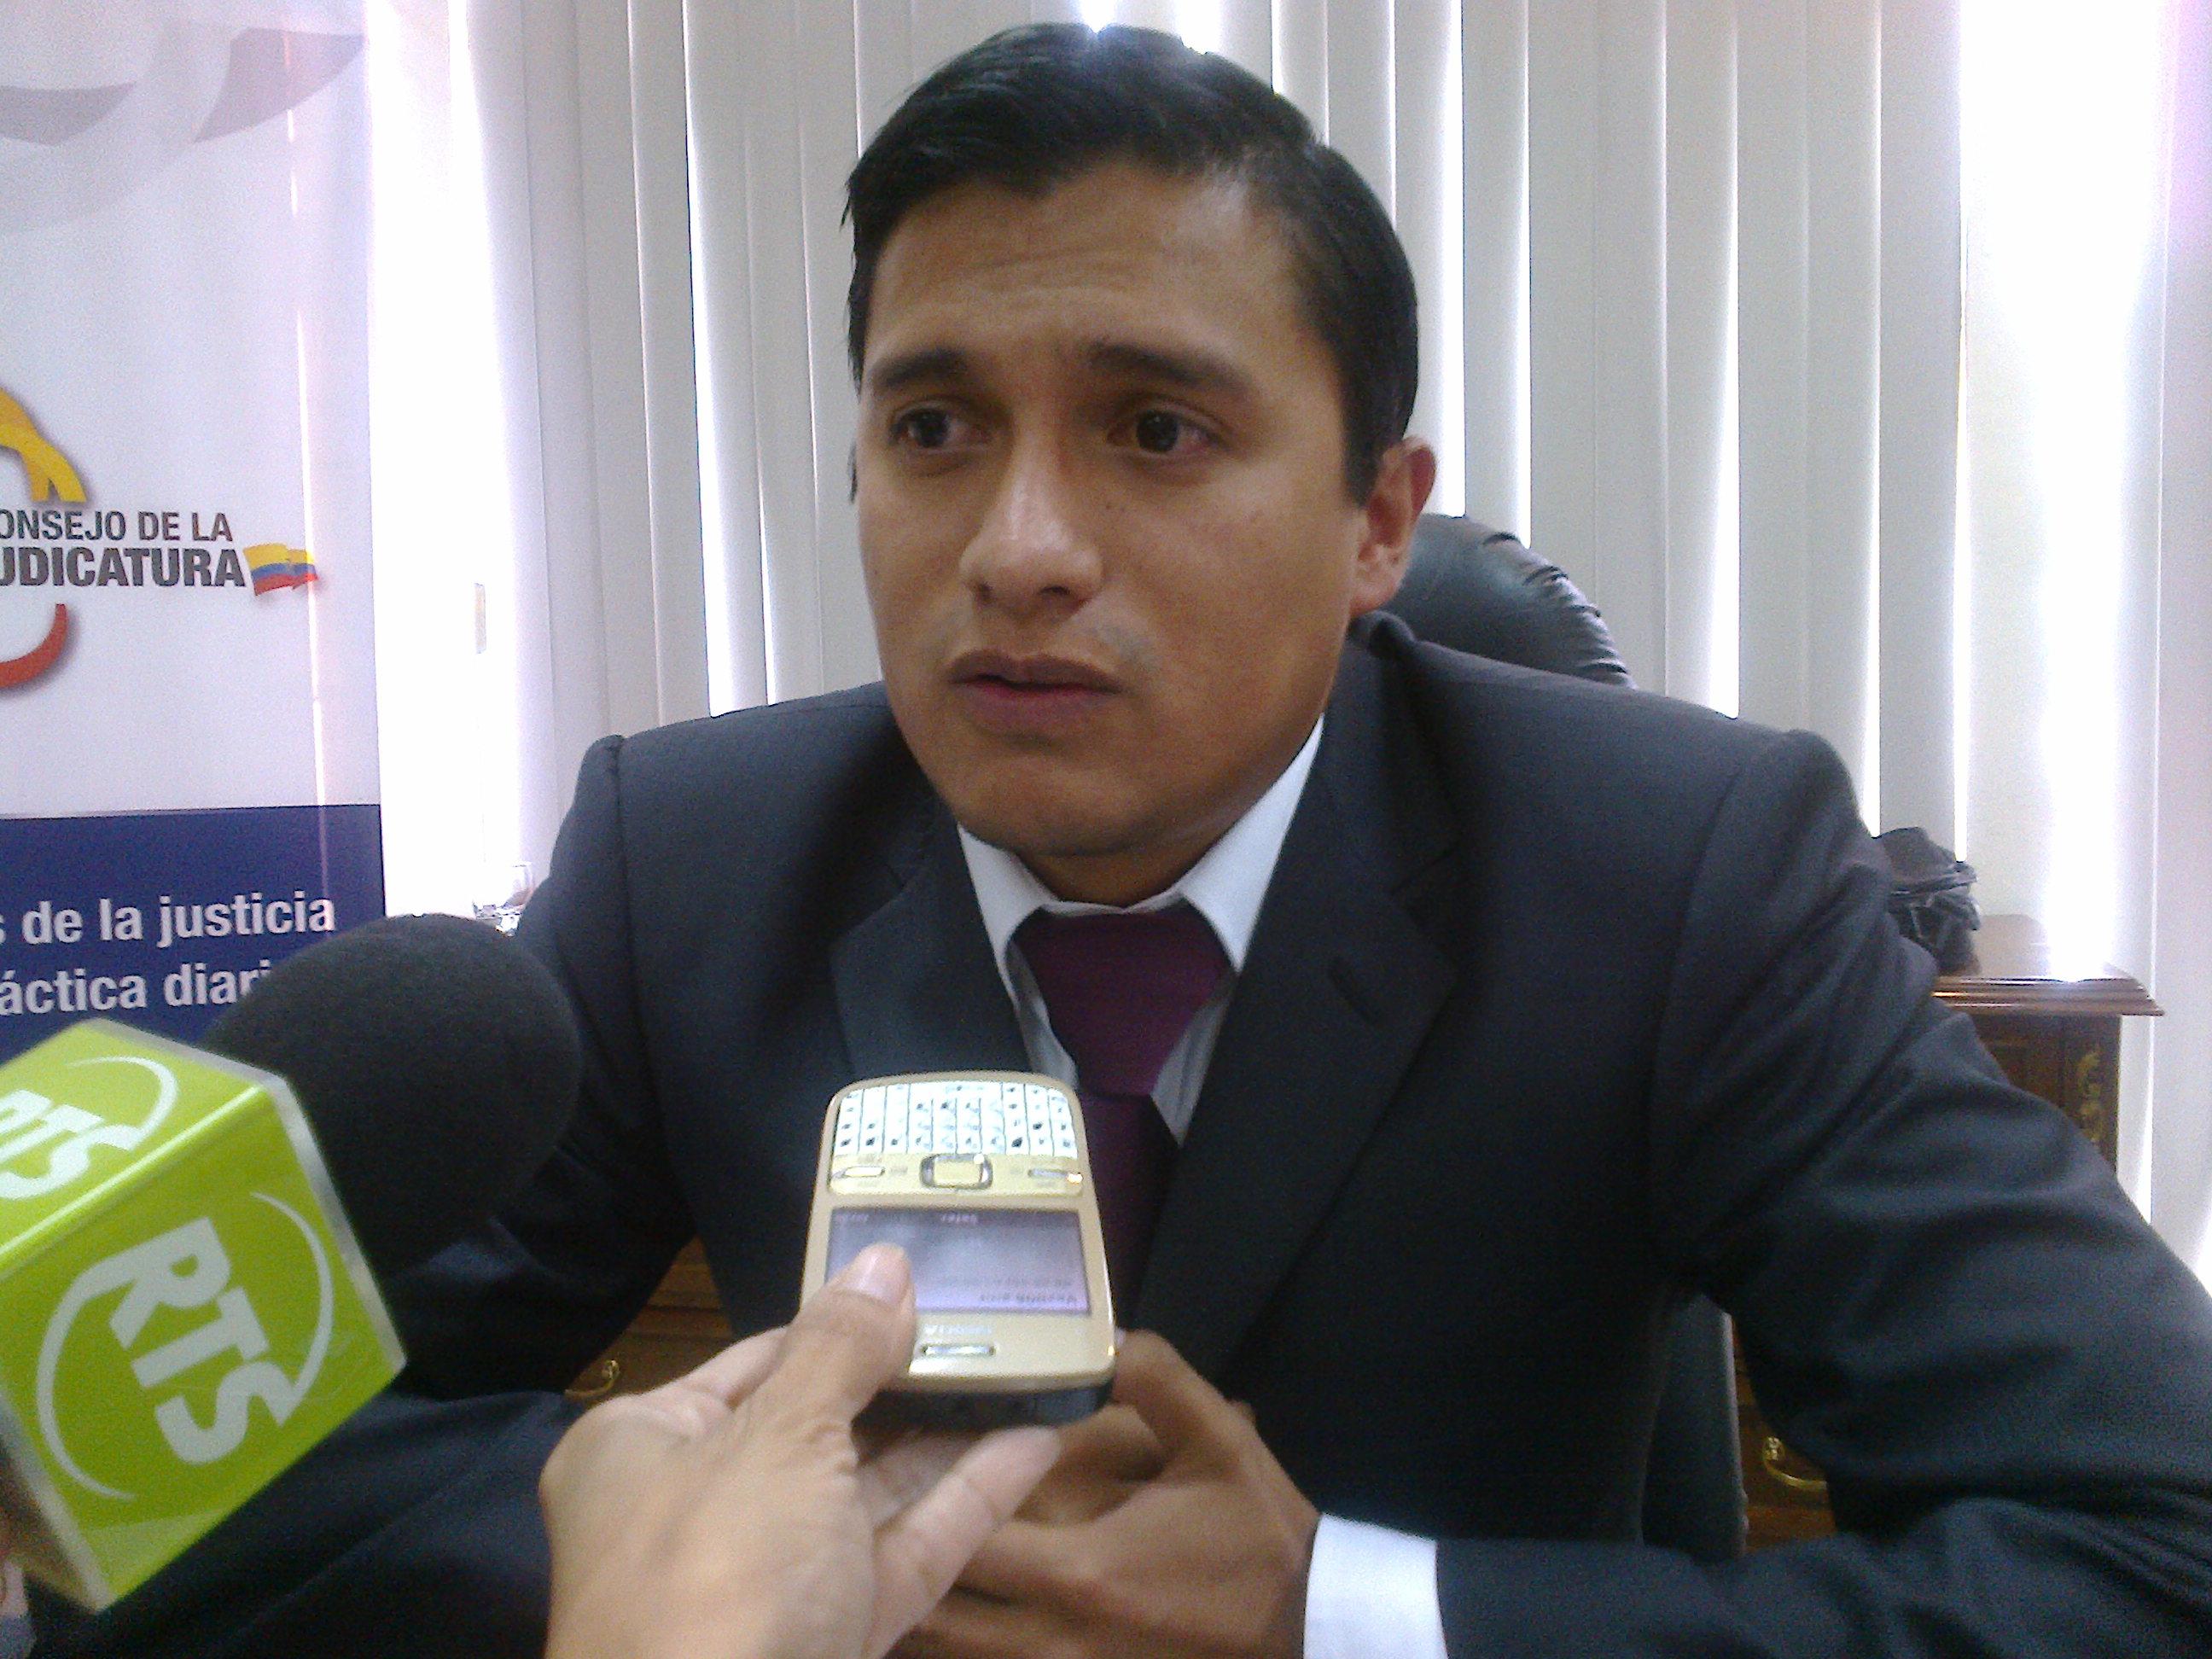 Juez detenido por presuntos actos de corrupción